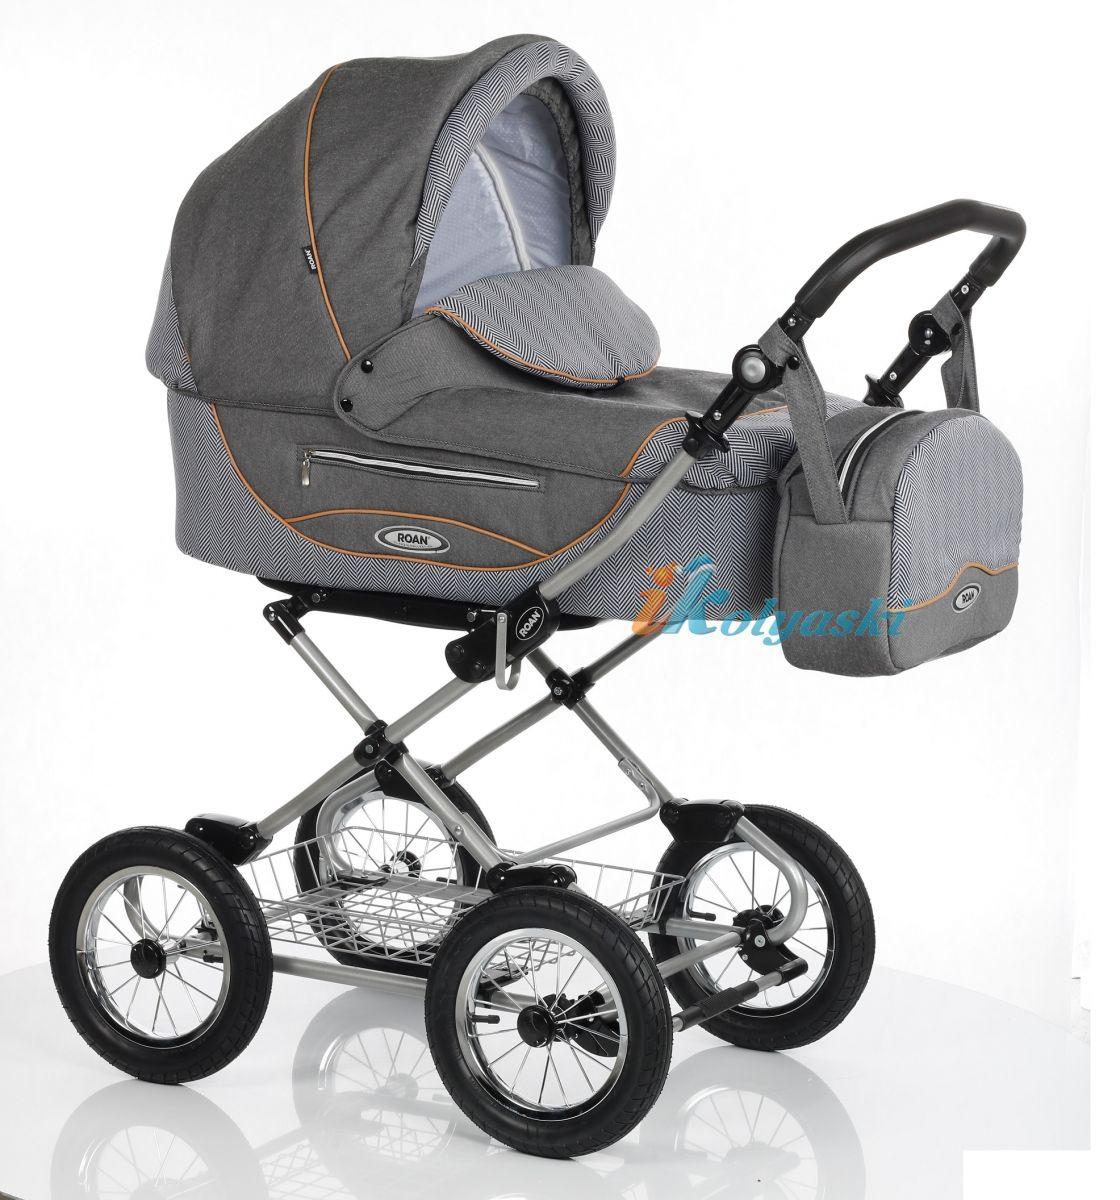 Детская коляска Roan Kortina Luxe Роан Кортина люкс 2018 спальная люлька 3 в 1 , коляска для новорожденных, коляска зима-лето.  roan kortina, roan cortina, Детская коляска Roan Kortina Luxe, коляска Роан Кортина люкс 2018, коляска спальная, коляска  люлька, коляска 3 в 1, коляска для новорожденных, роан кортина, коляска роан кортина, коляска roan cortina, цвет E-50